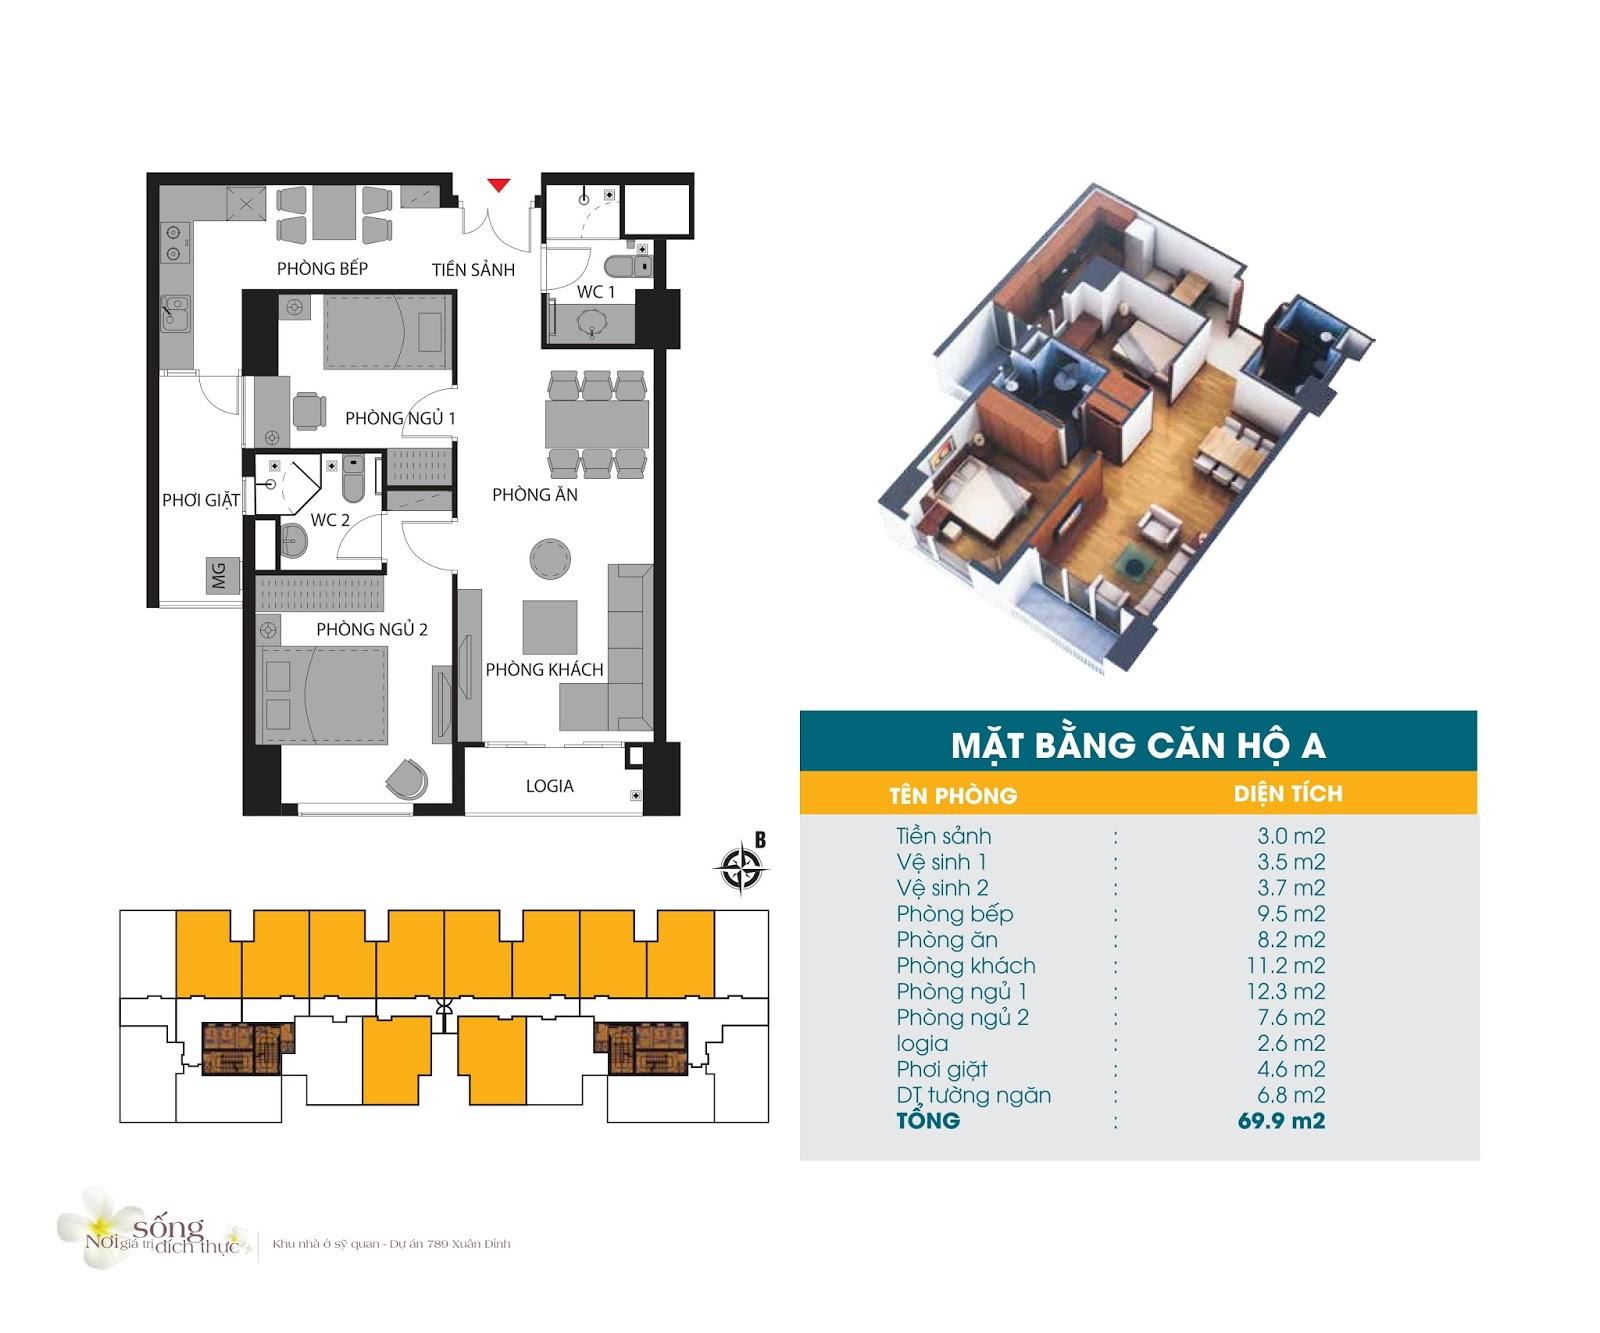 Thiết kế căn hộ 69.9m2 Chung cư 789 Xuân Đỉnh